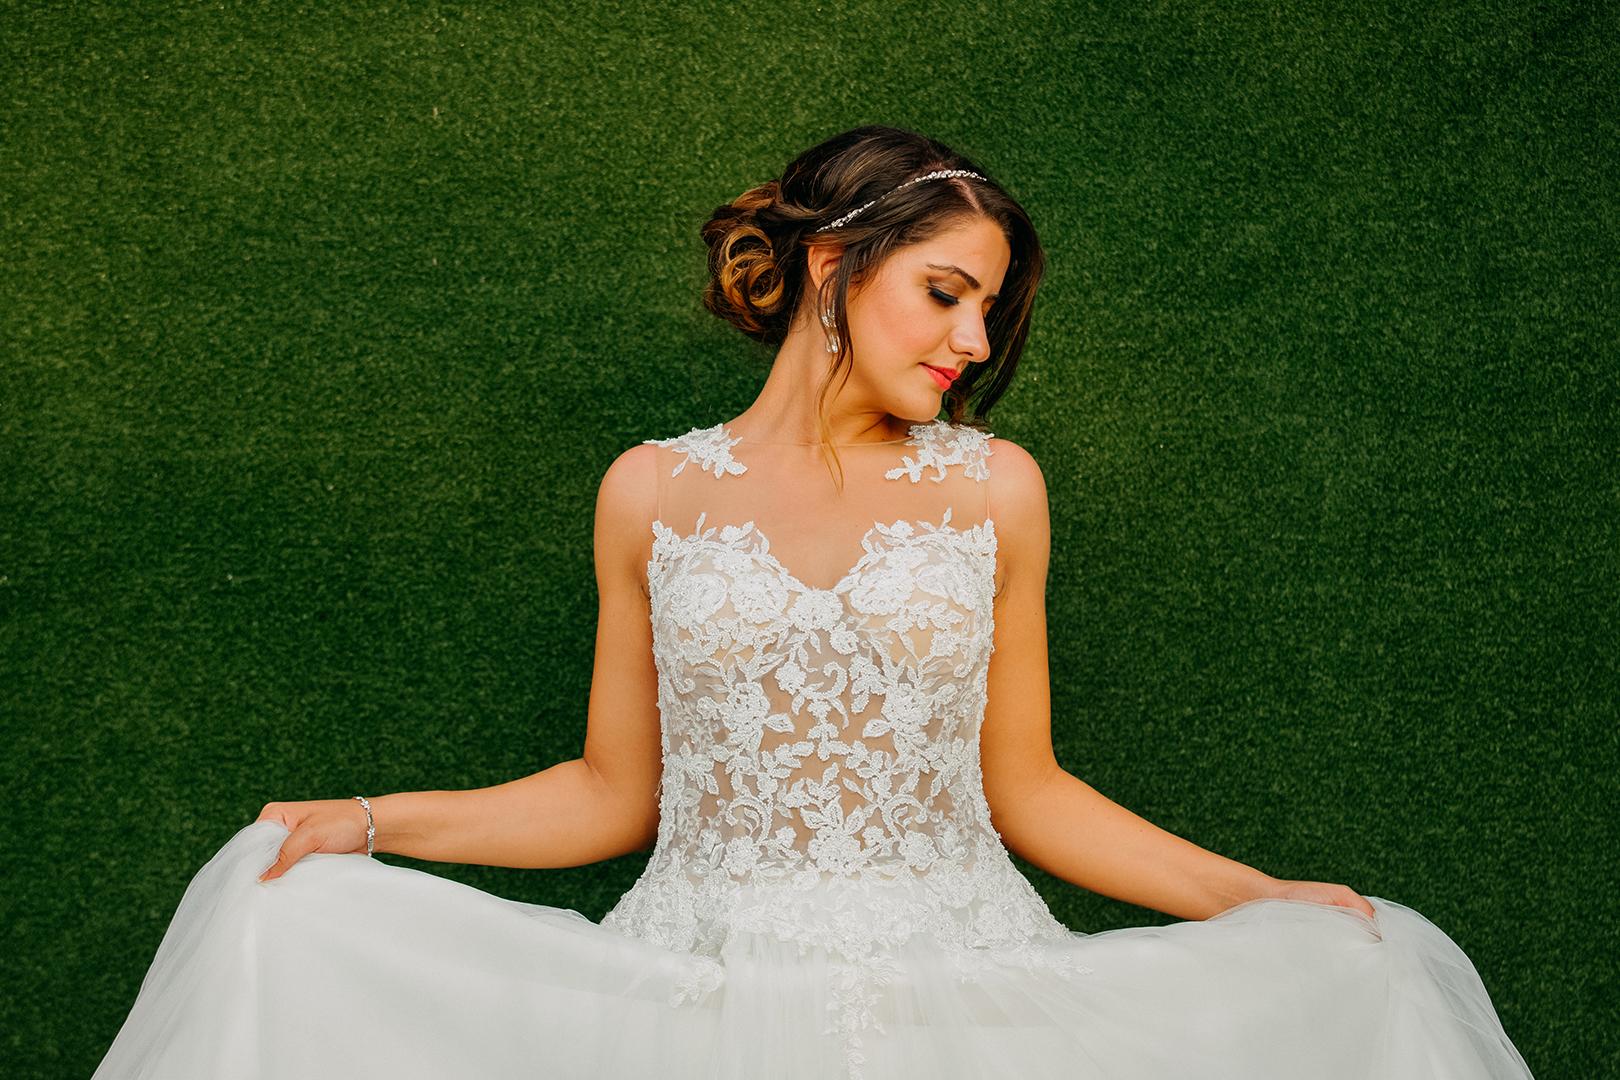 gianni-lepore-fotografo-foggia-sposa-ritratto